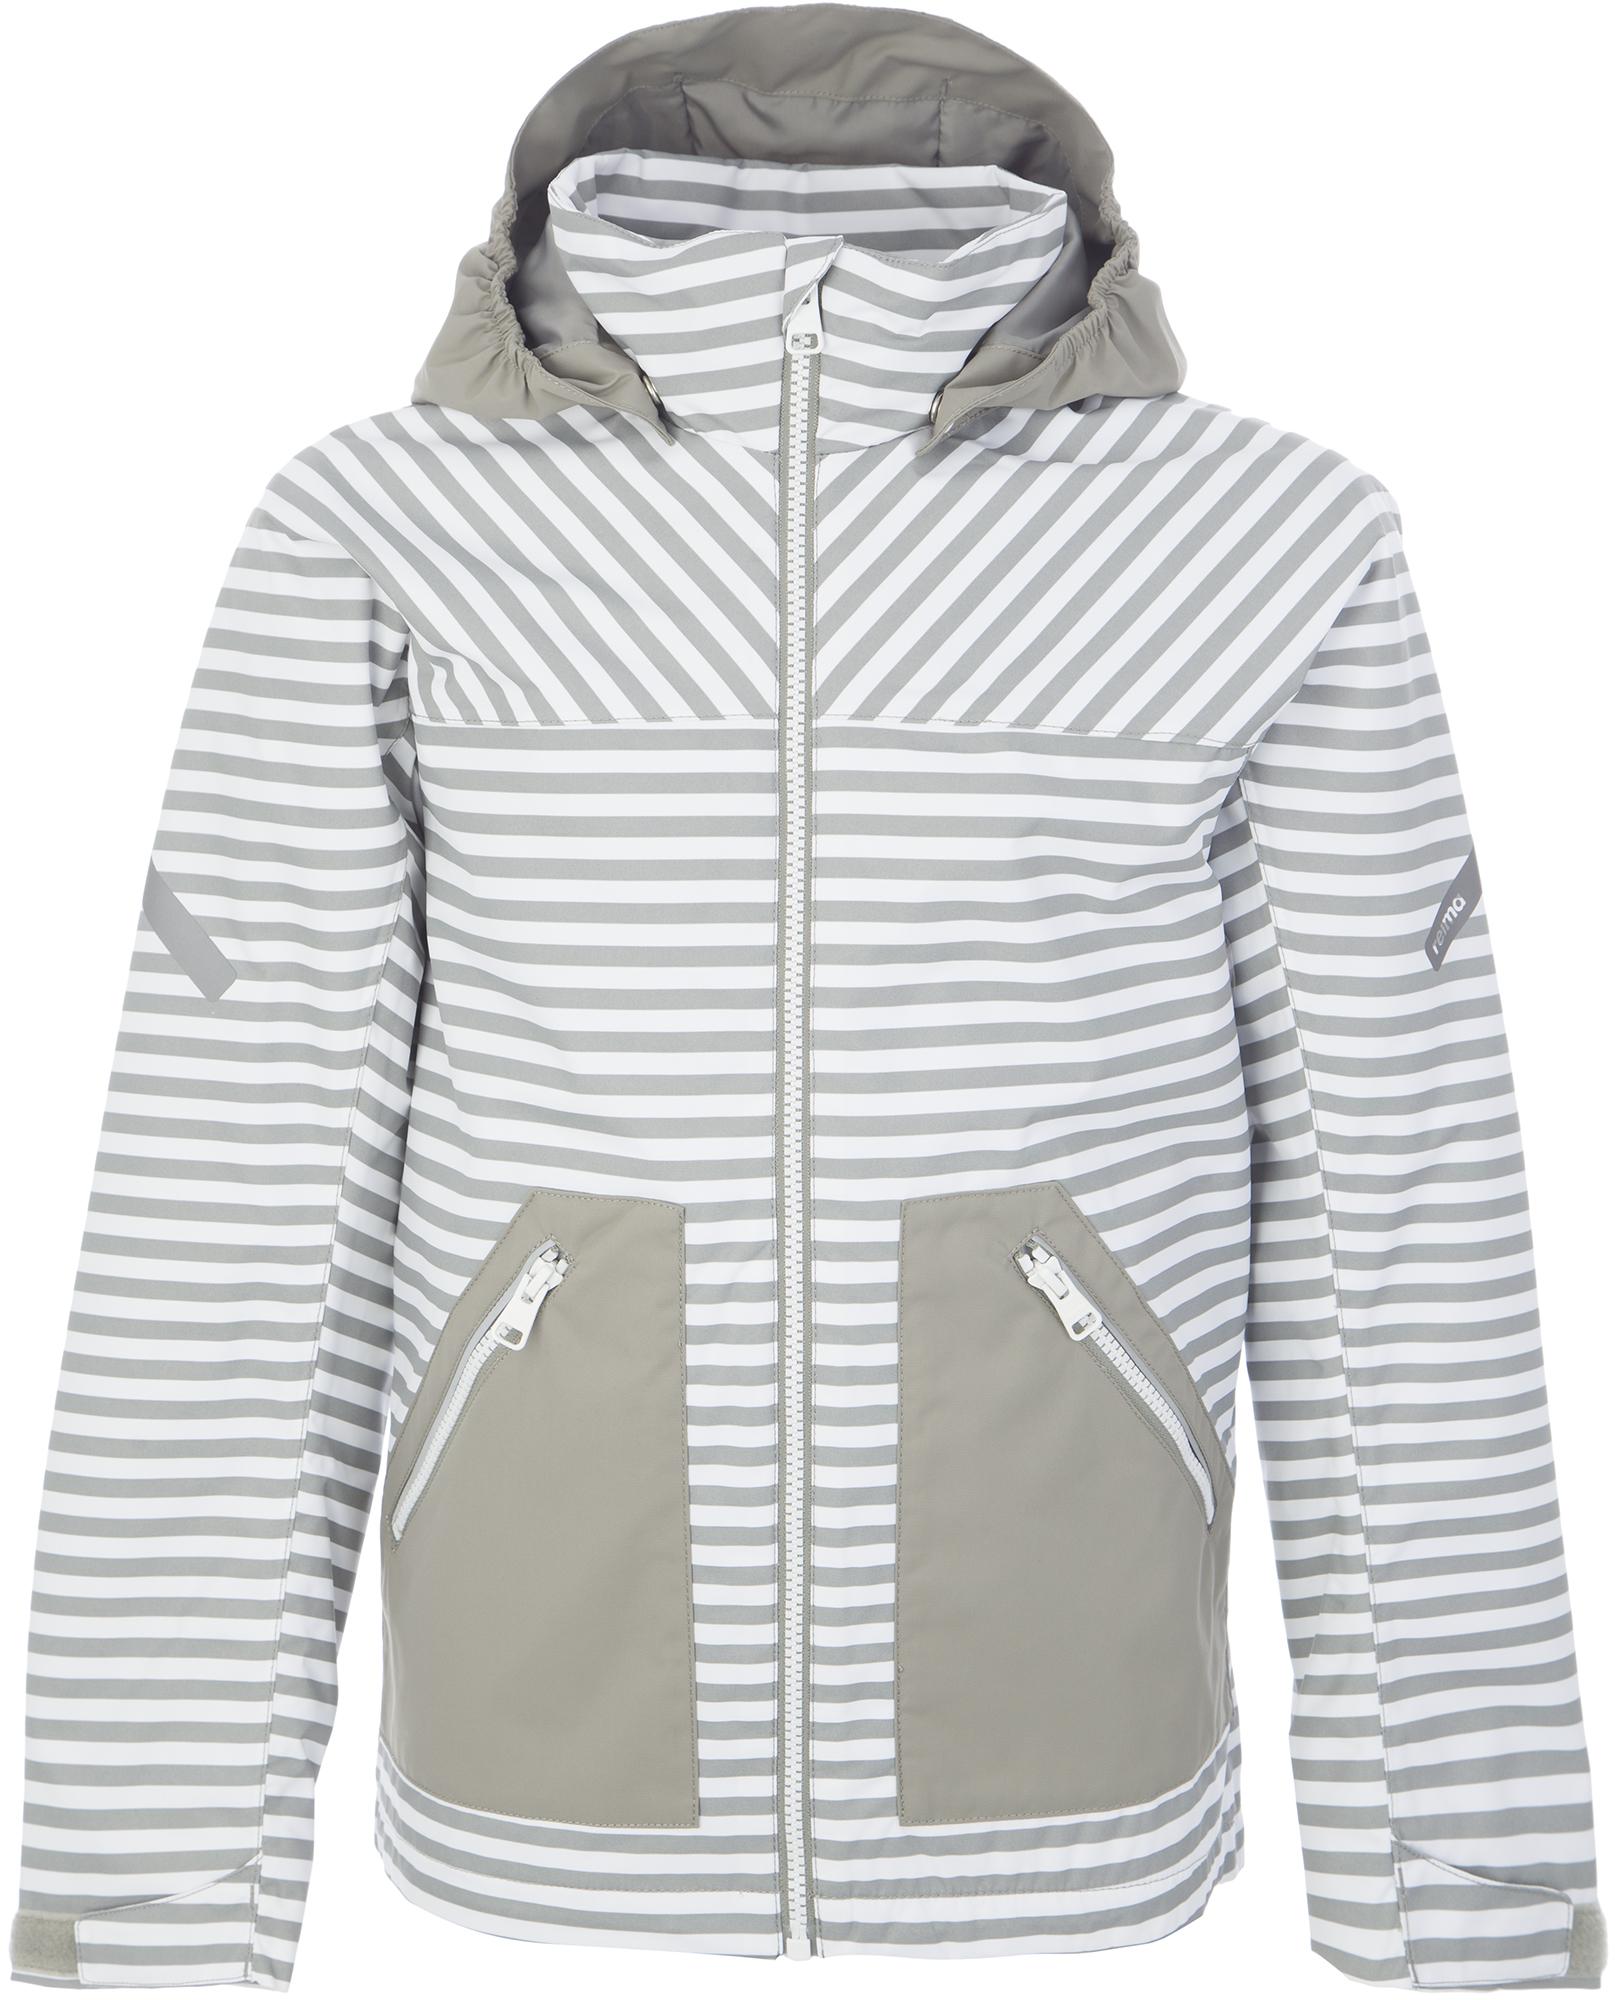 Reima Куртка утепленная для мальчиков Reima Nummi, размер 146